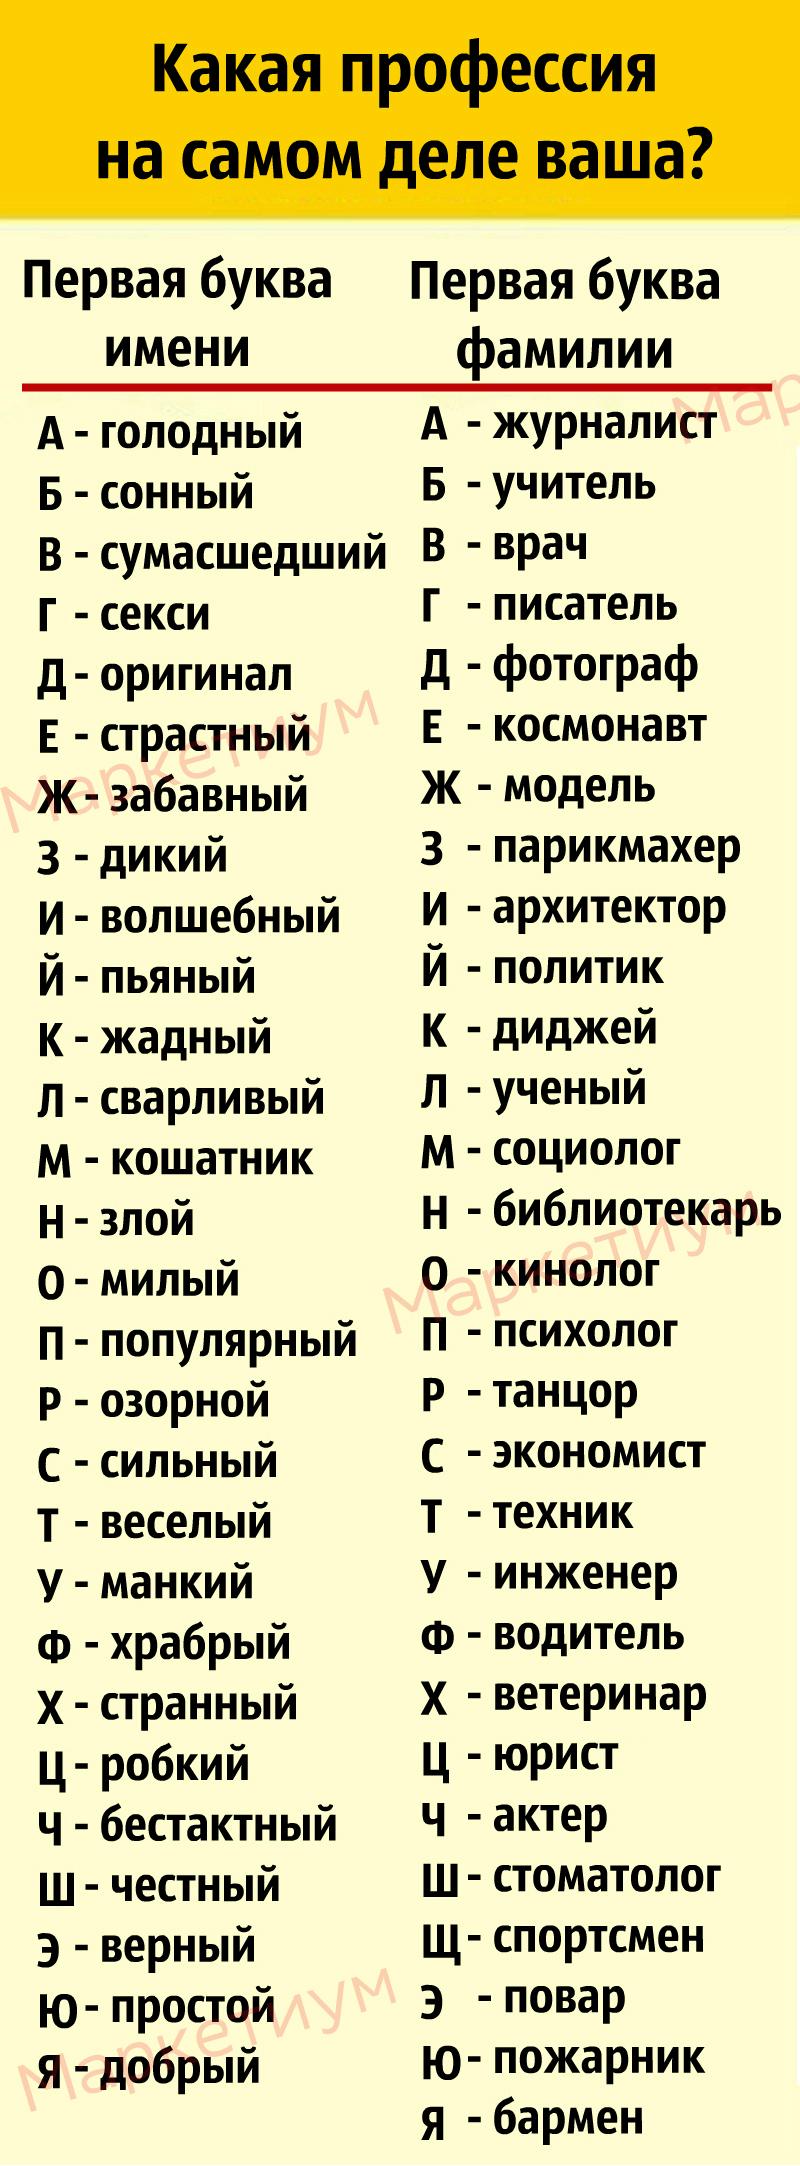 Найдите первые буквы ваших имени и фамилии и узнайте, кем вам суждено стать